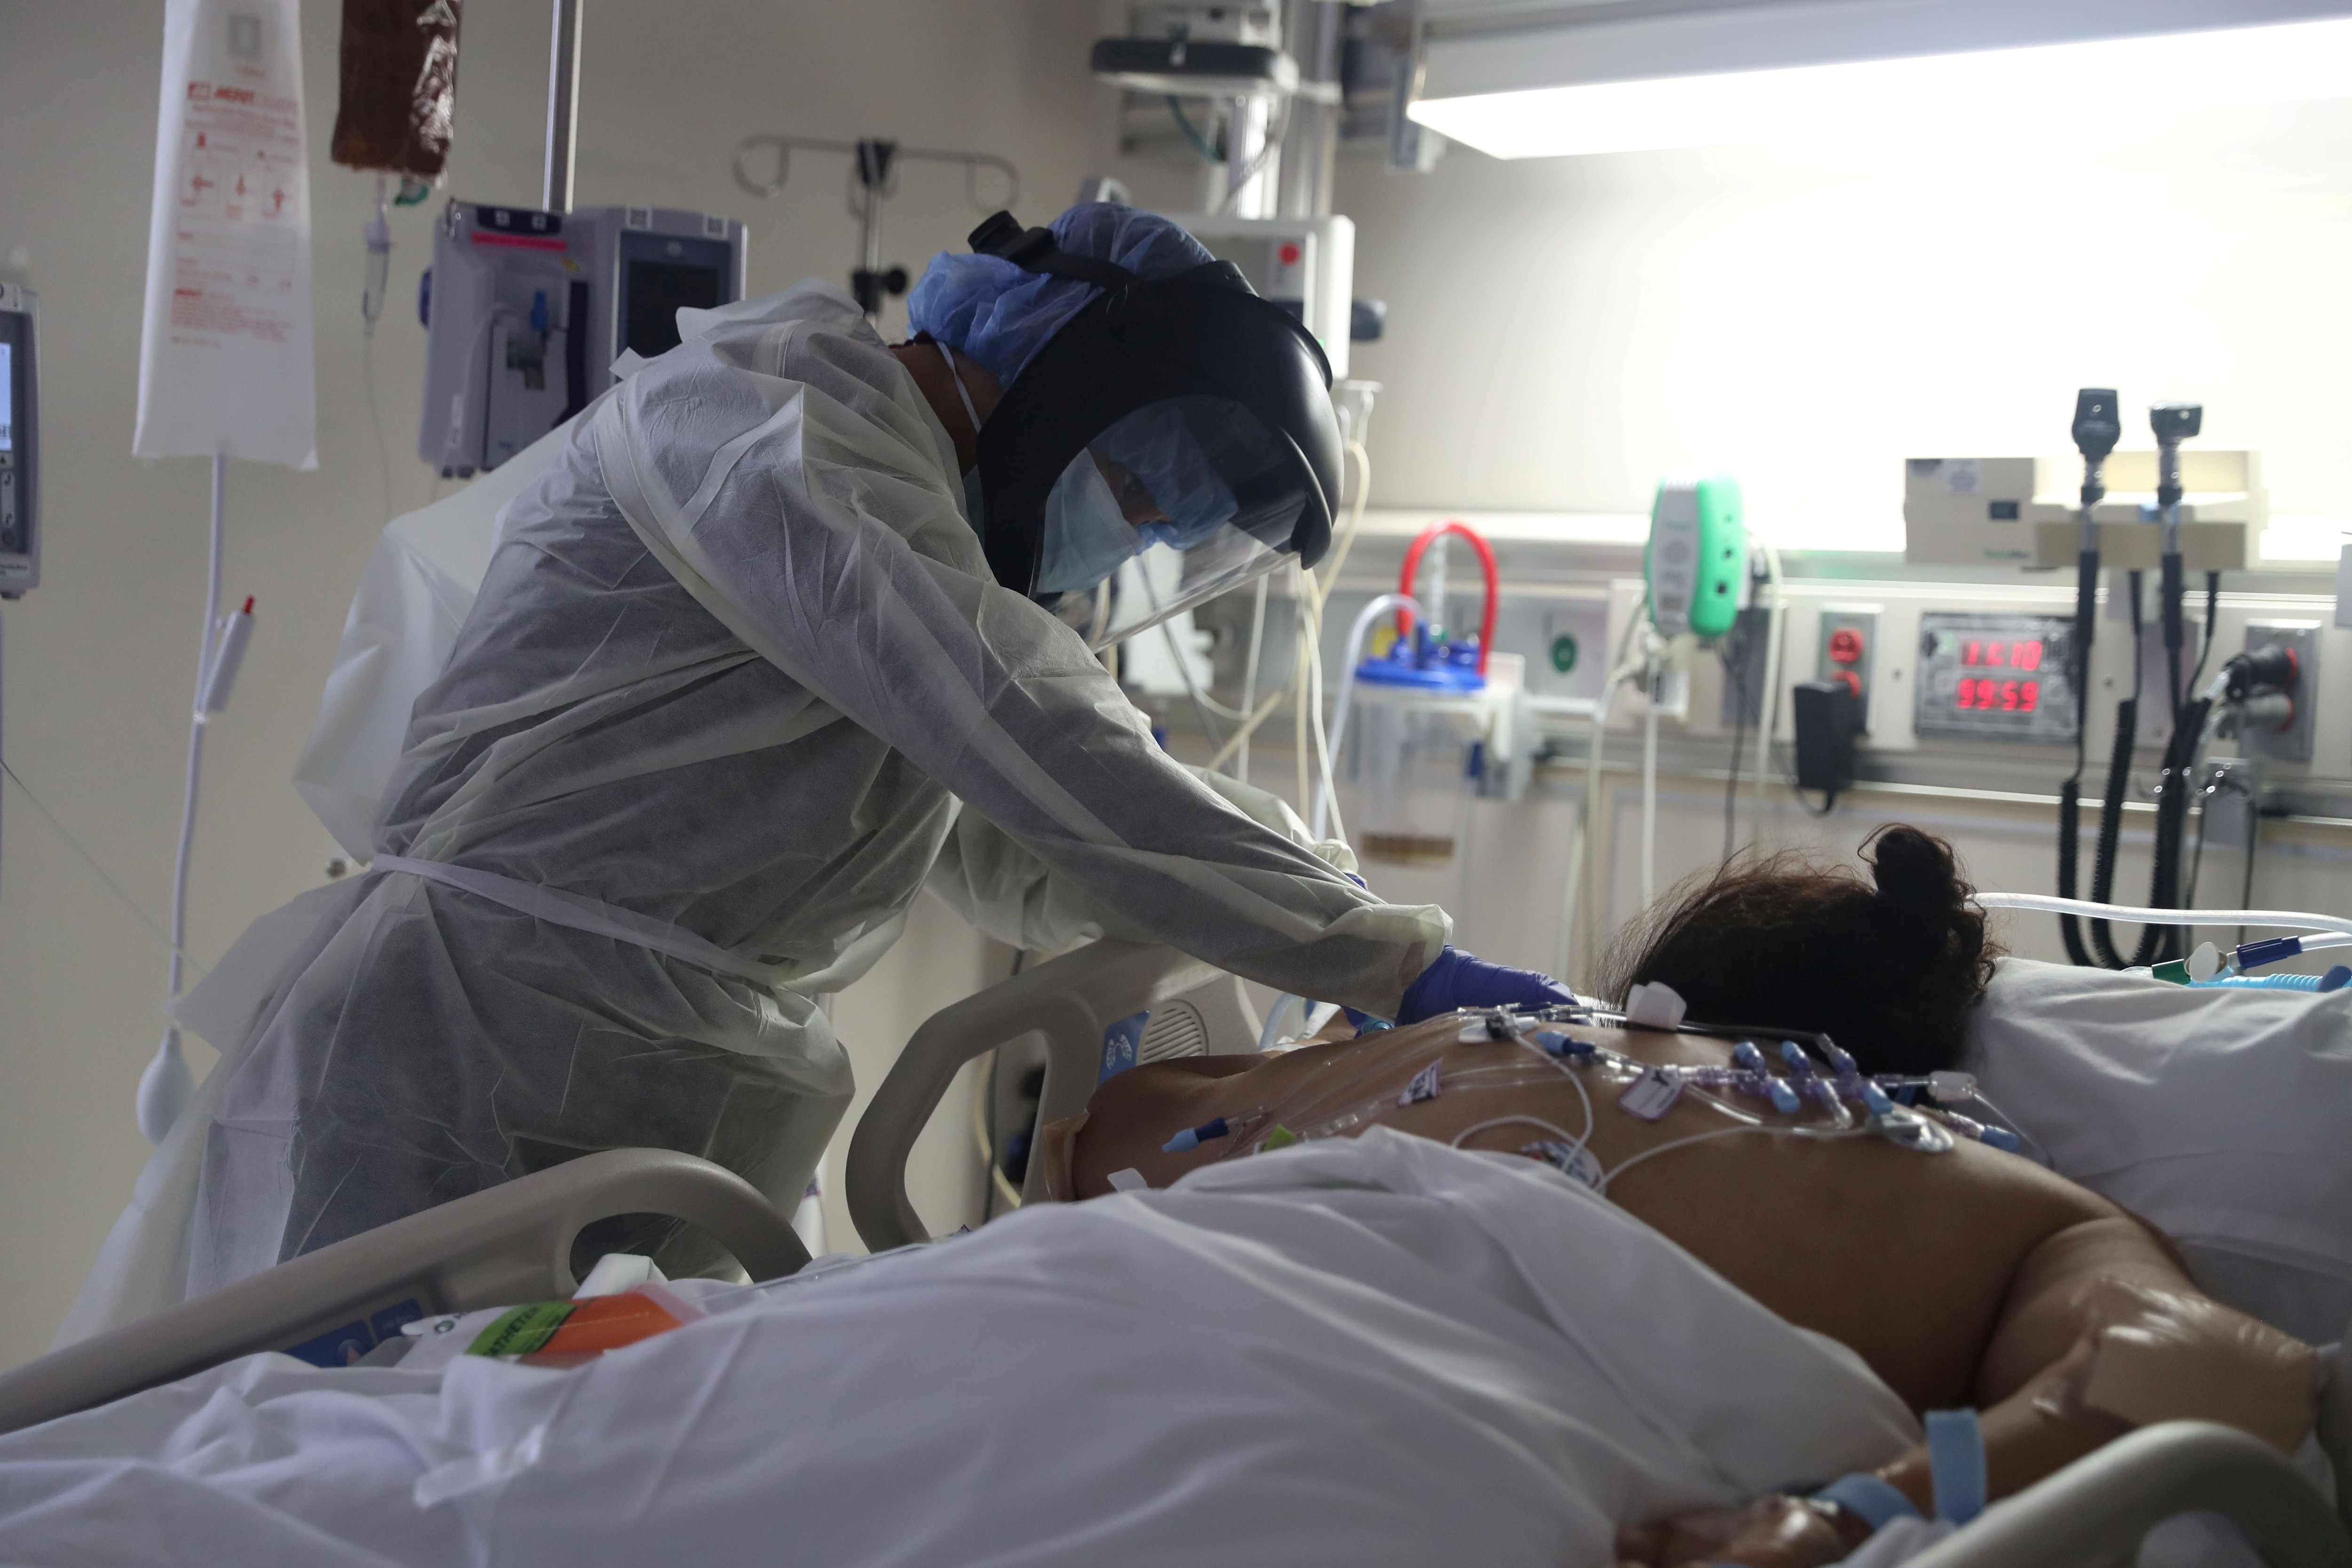 Tratamiento de cuidados intensivos en un hospital de California (Reuters)